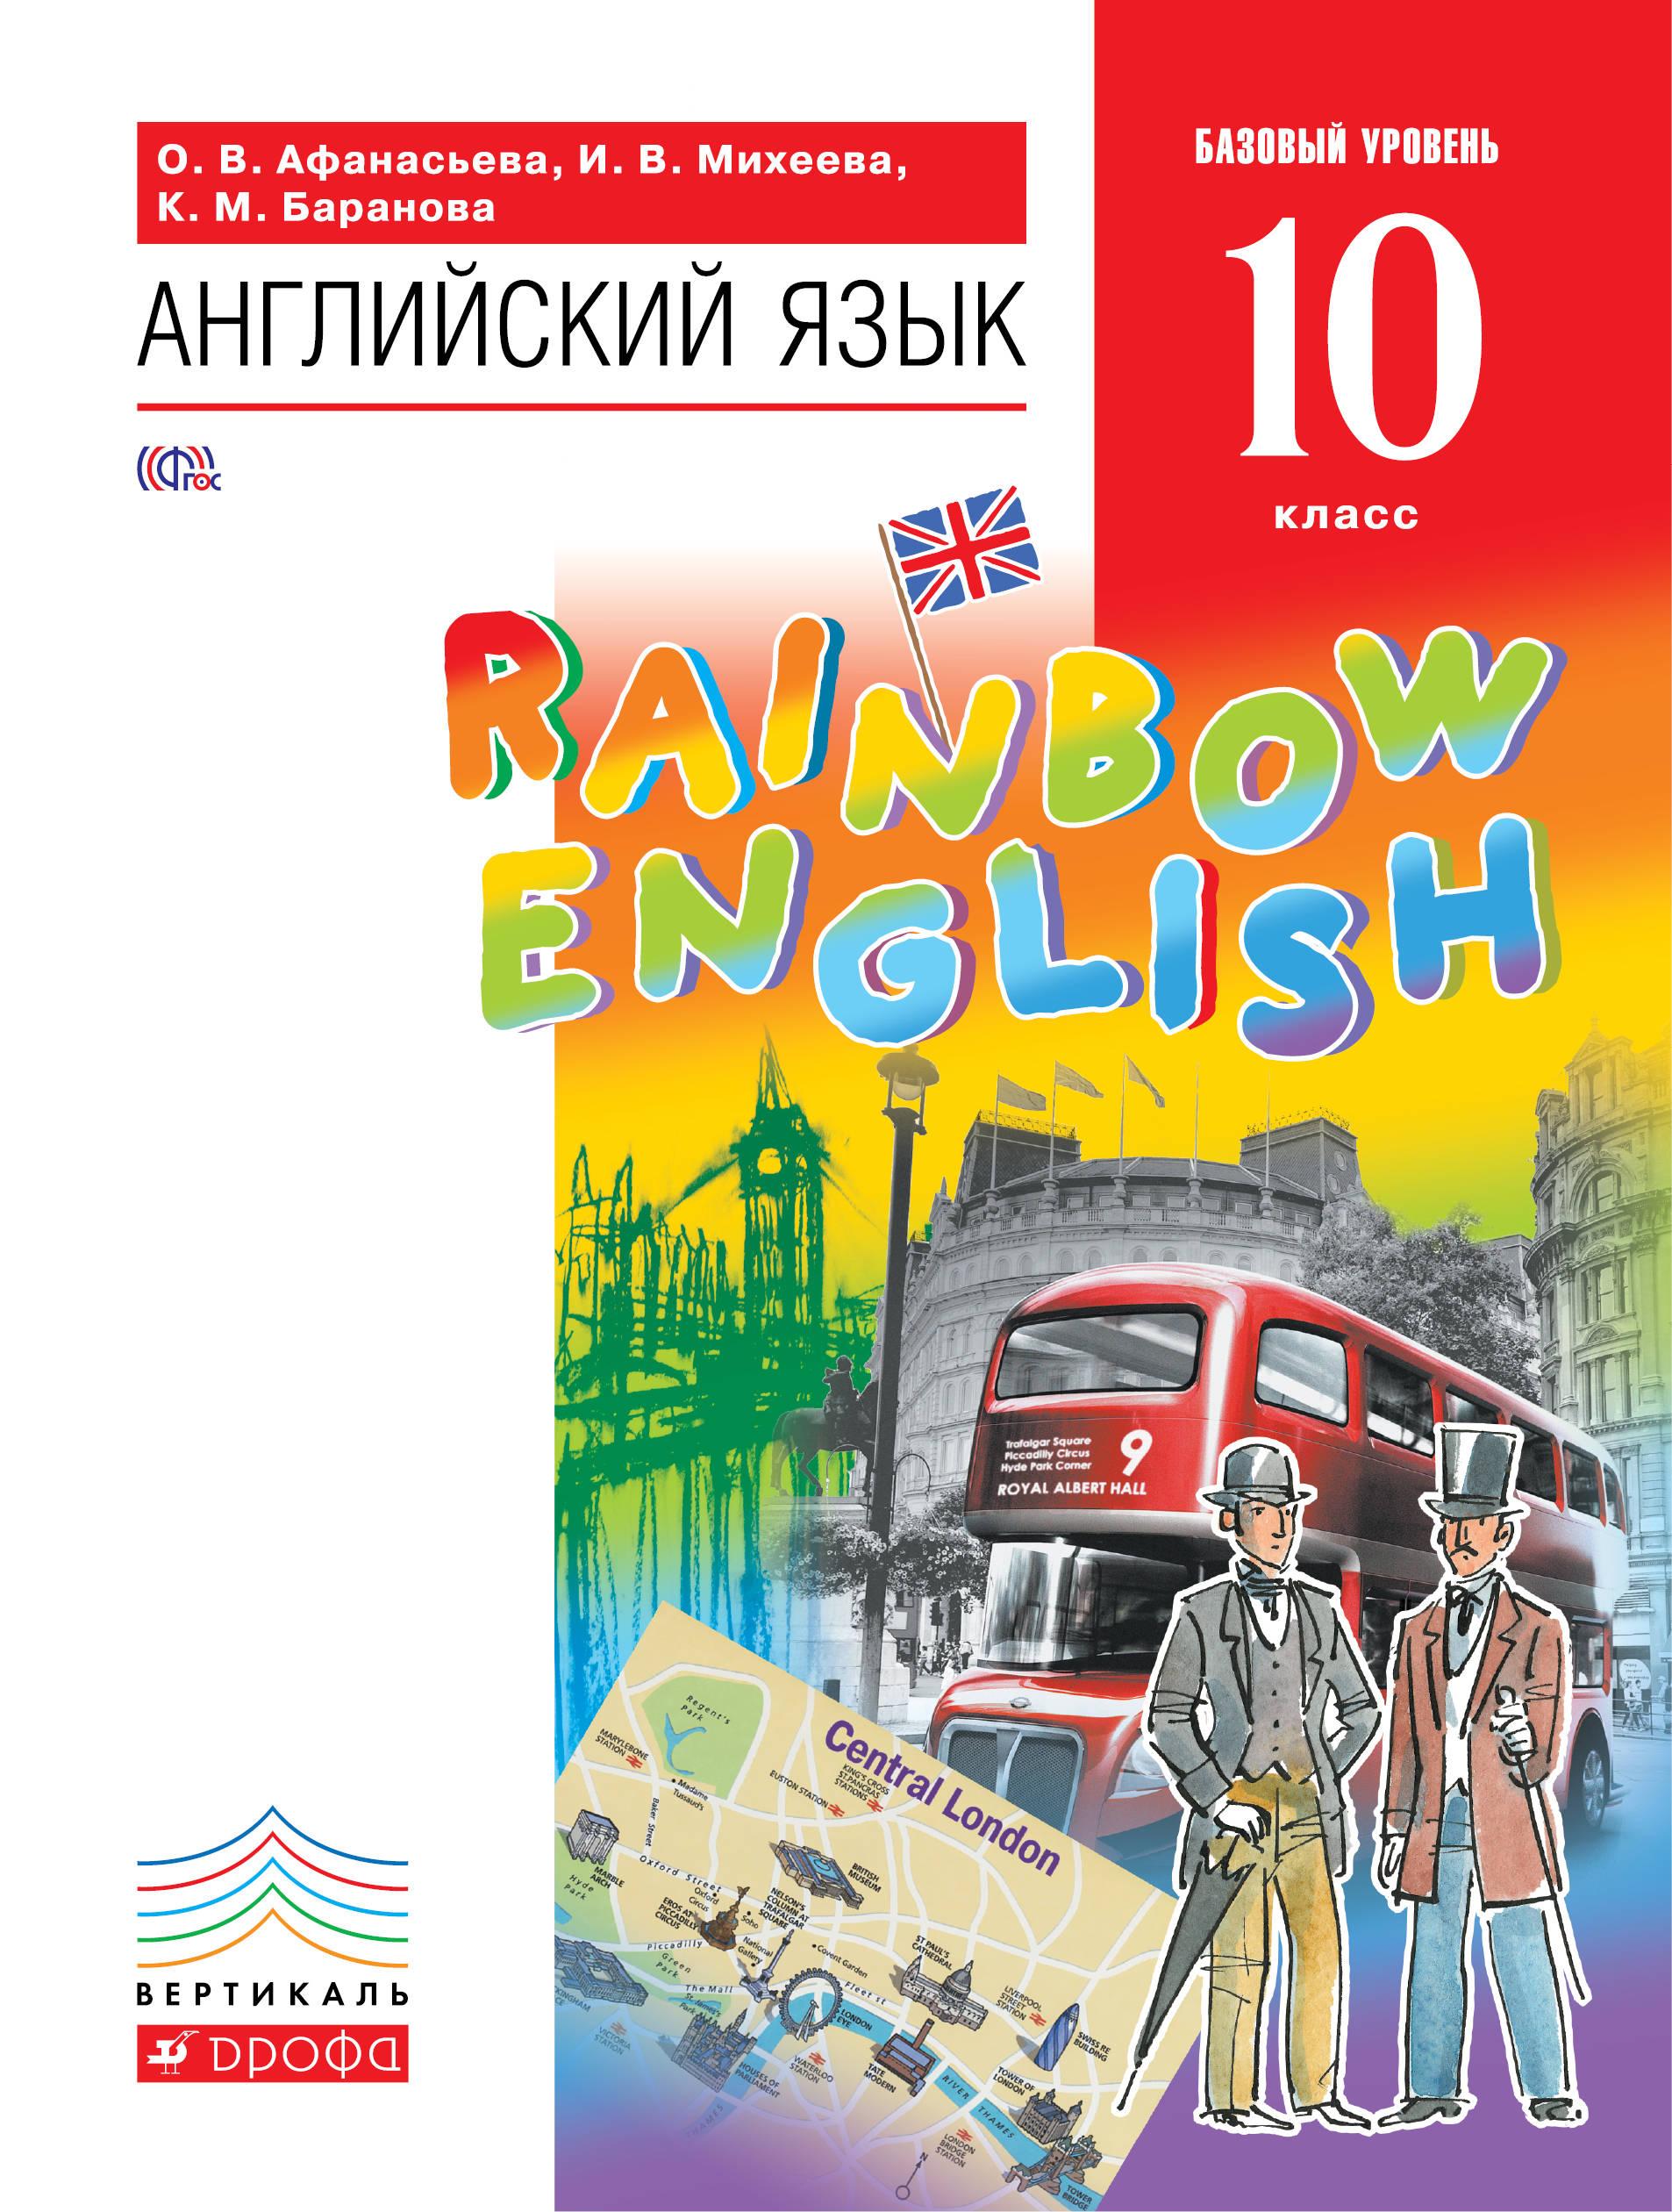 О. В. Афанасьева, И. В. Михеева, К. М. Баранова Английский язык. 10 класс. Базовый уровень. Учебник